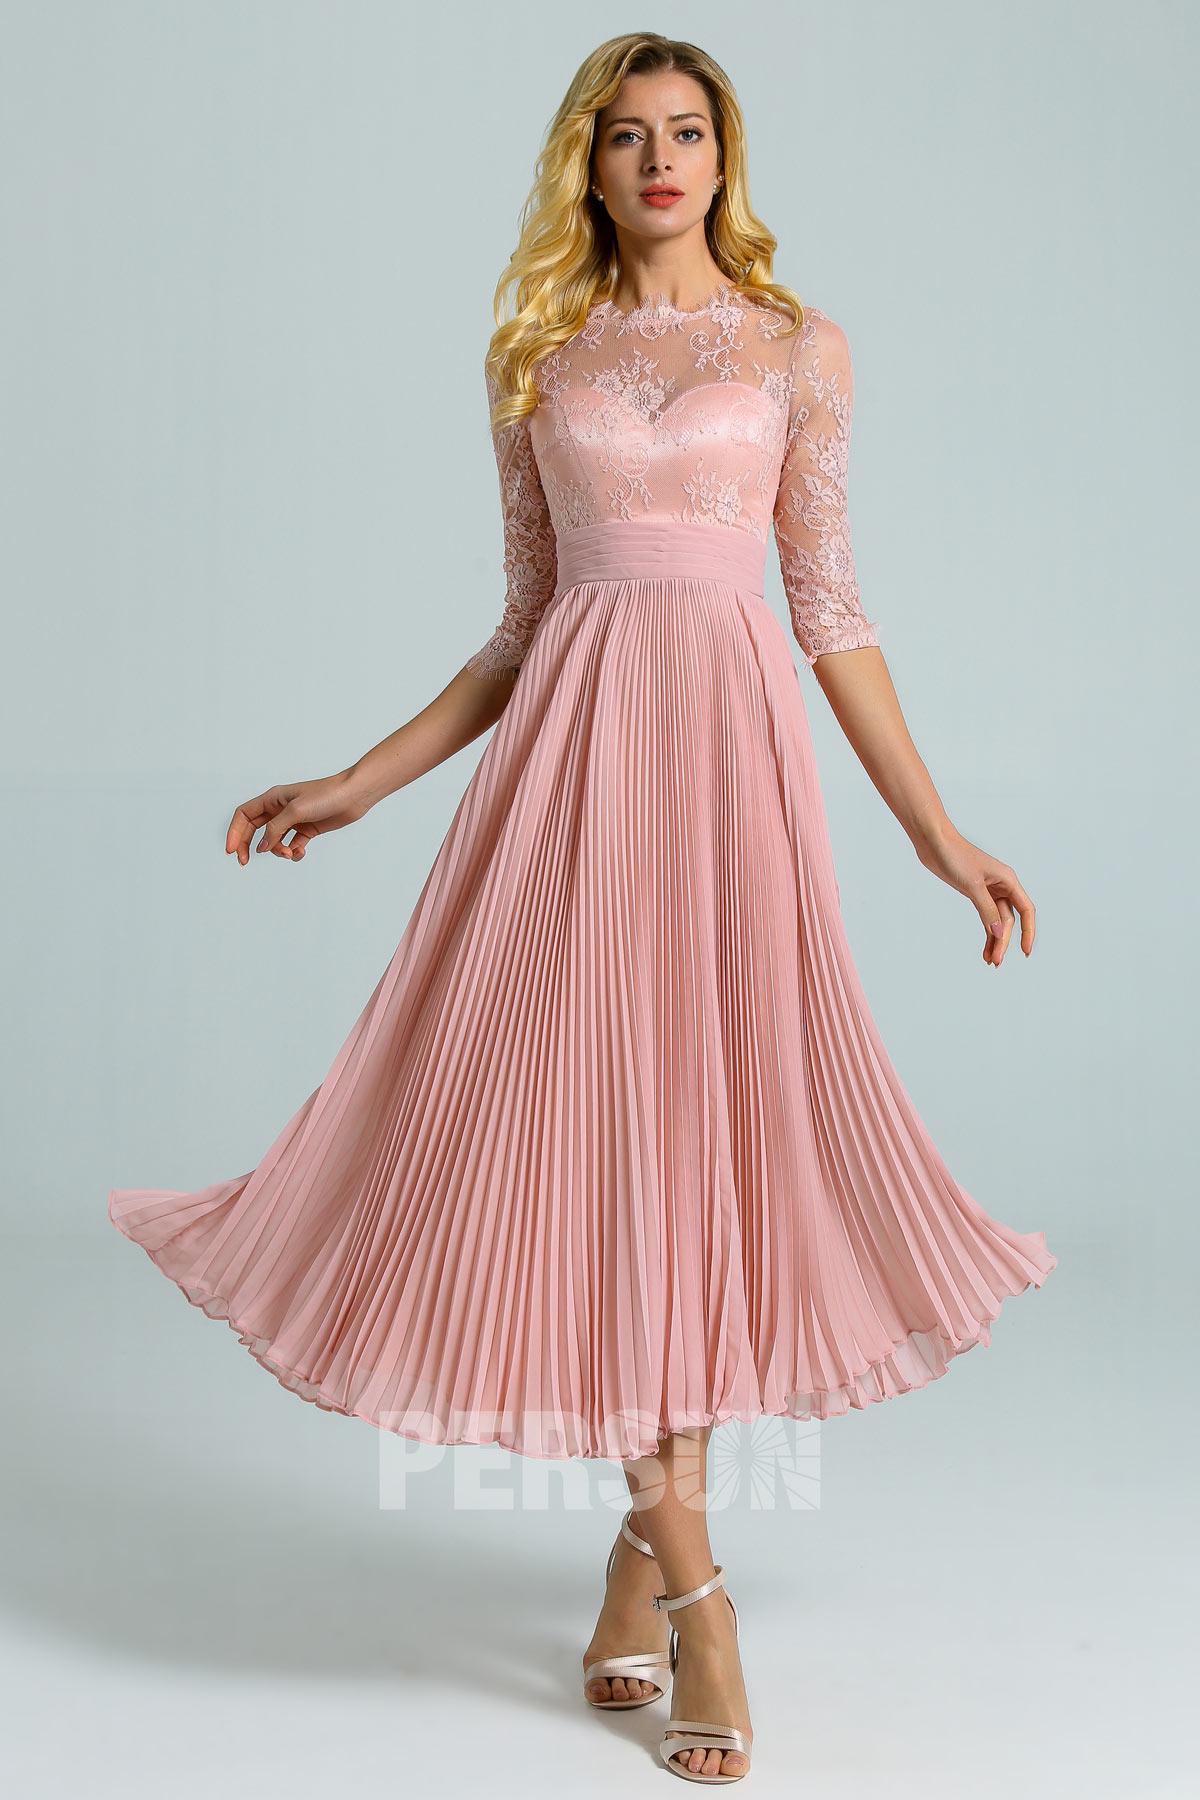 robe mère mariage midi rose chair col feston dentelle avec manche courte et jupe drapé